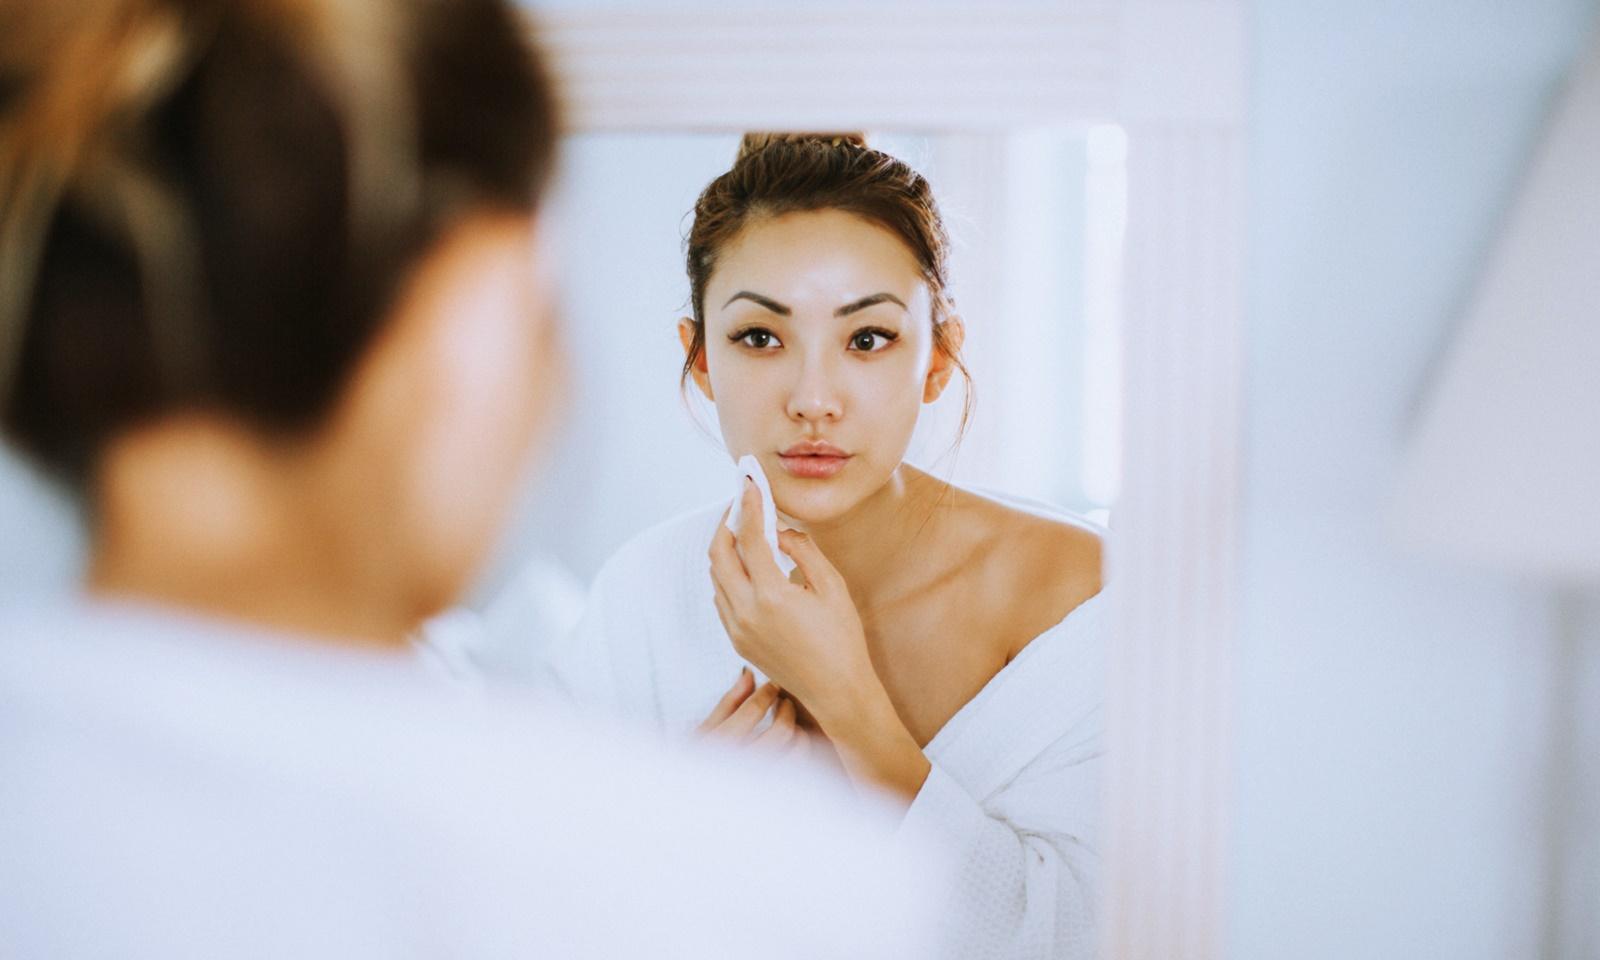 Cồn trong mỹ phẩm: dùng thế nào để đỡ hại da?